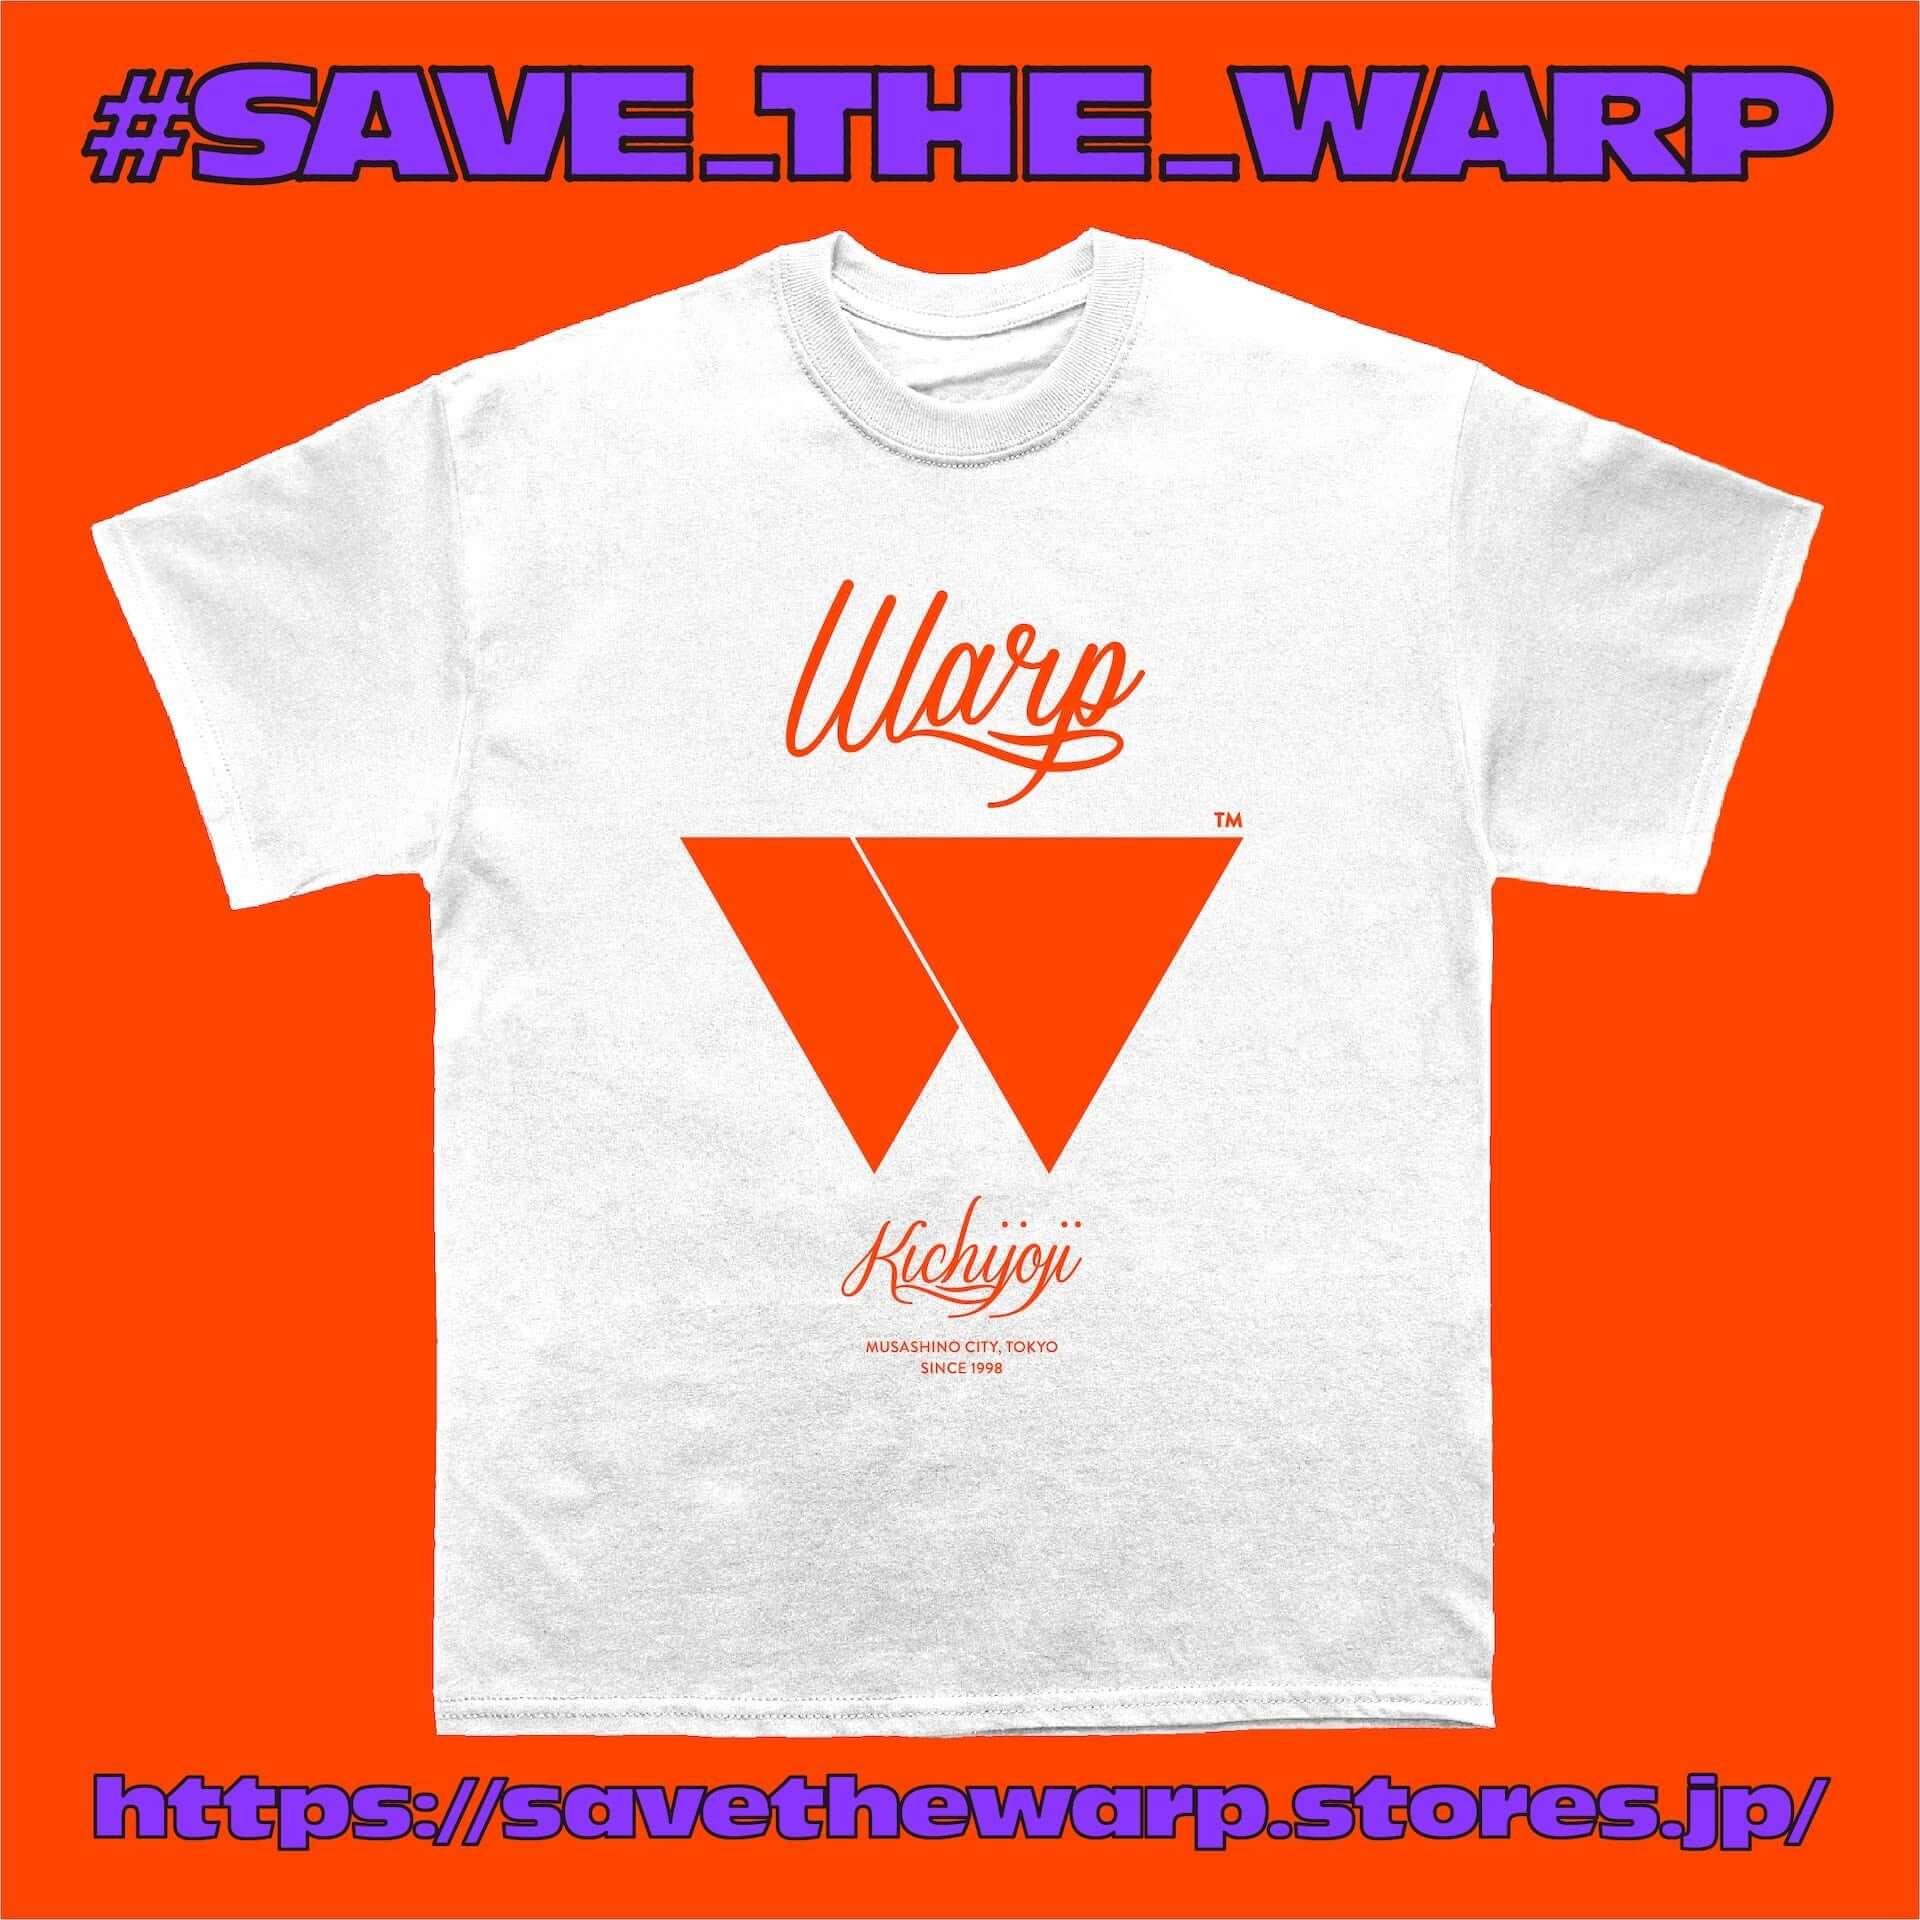 吉祥寺WARP応援プロジェクト「SAVE THE WARP」が始動|Wienners、忘れらんねえよ柴田ら44組参加のコンピが発売決定 music200721_savethewarp_3-1920x1920